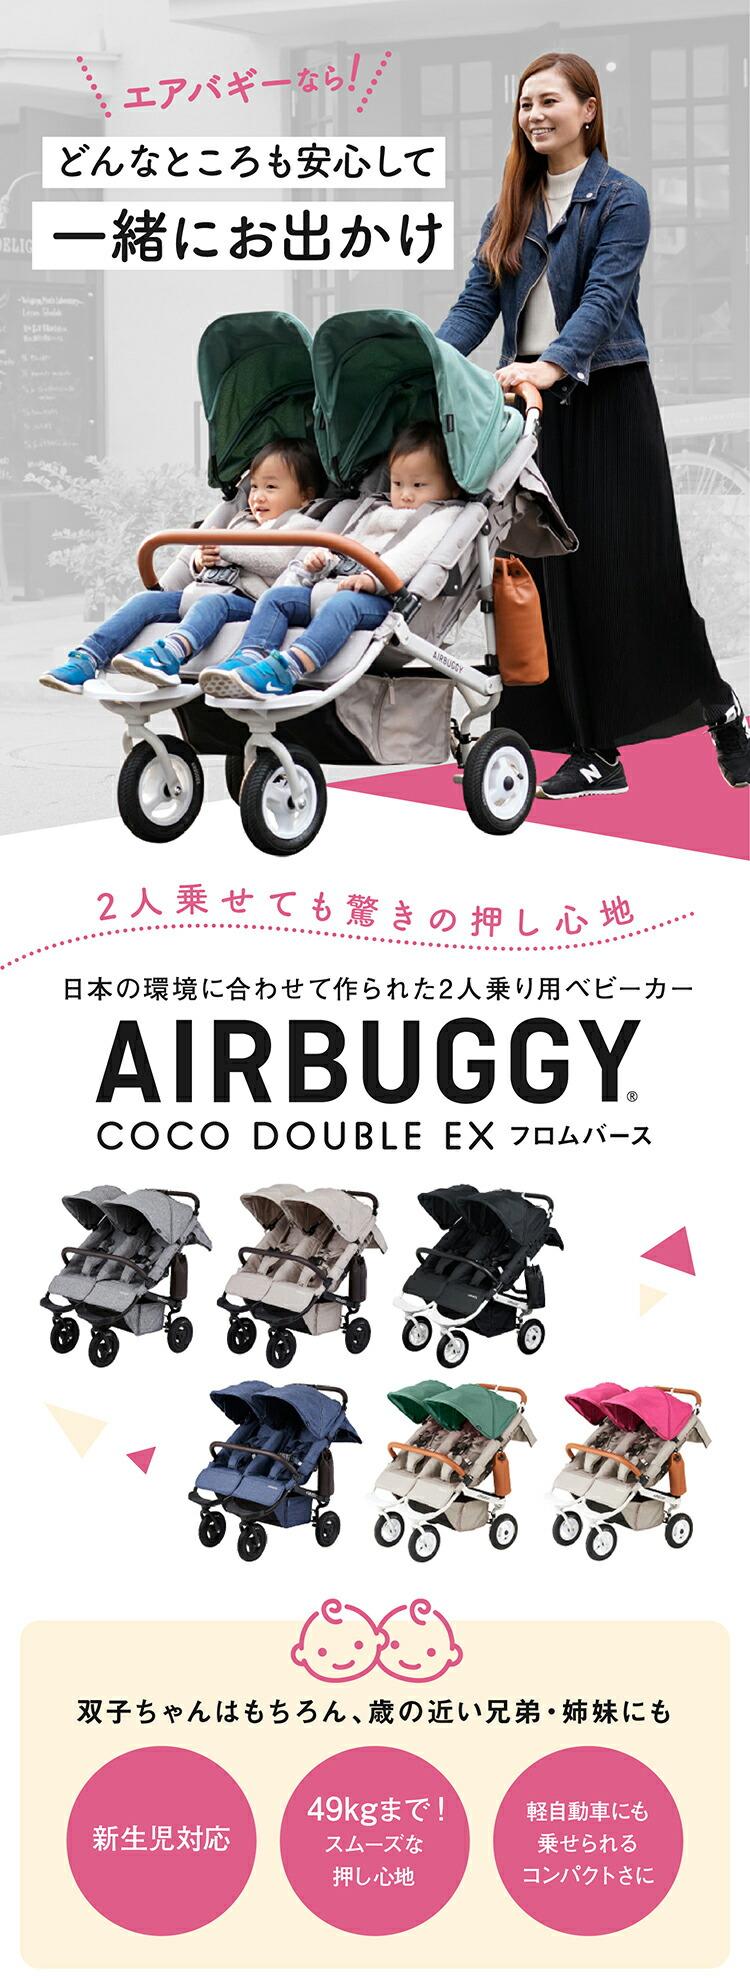 新生児から使える双子用ベビーカーエアバギー「フロムバース ダブル」の商品ページ1